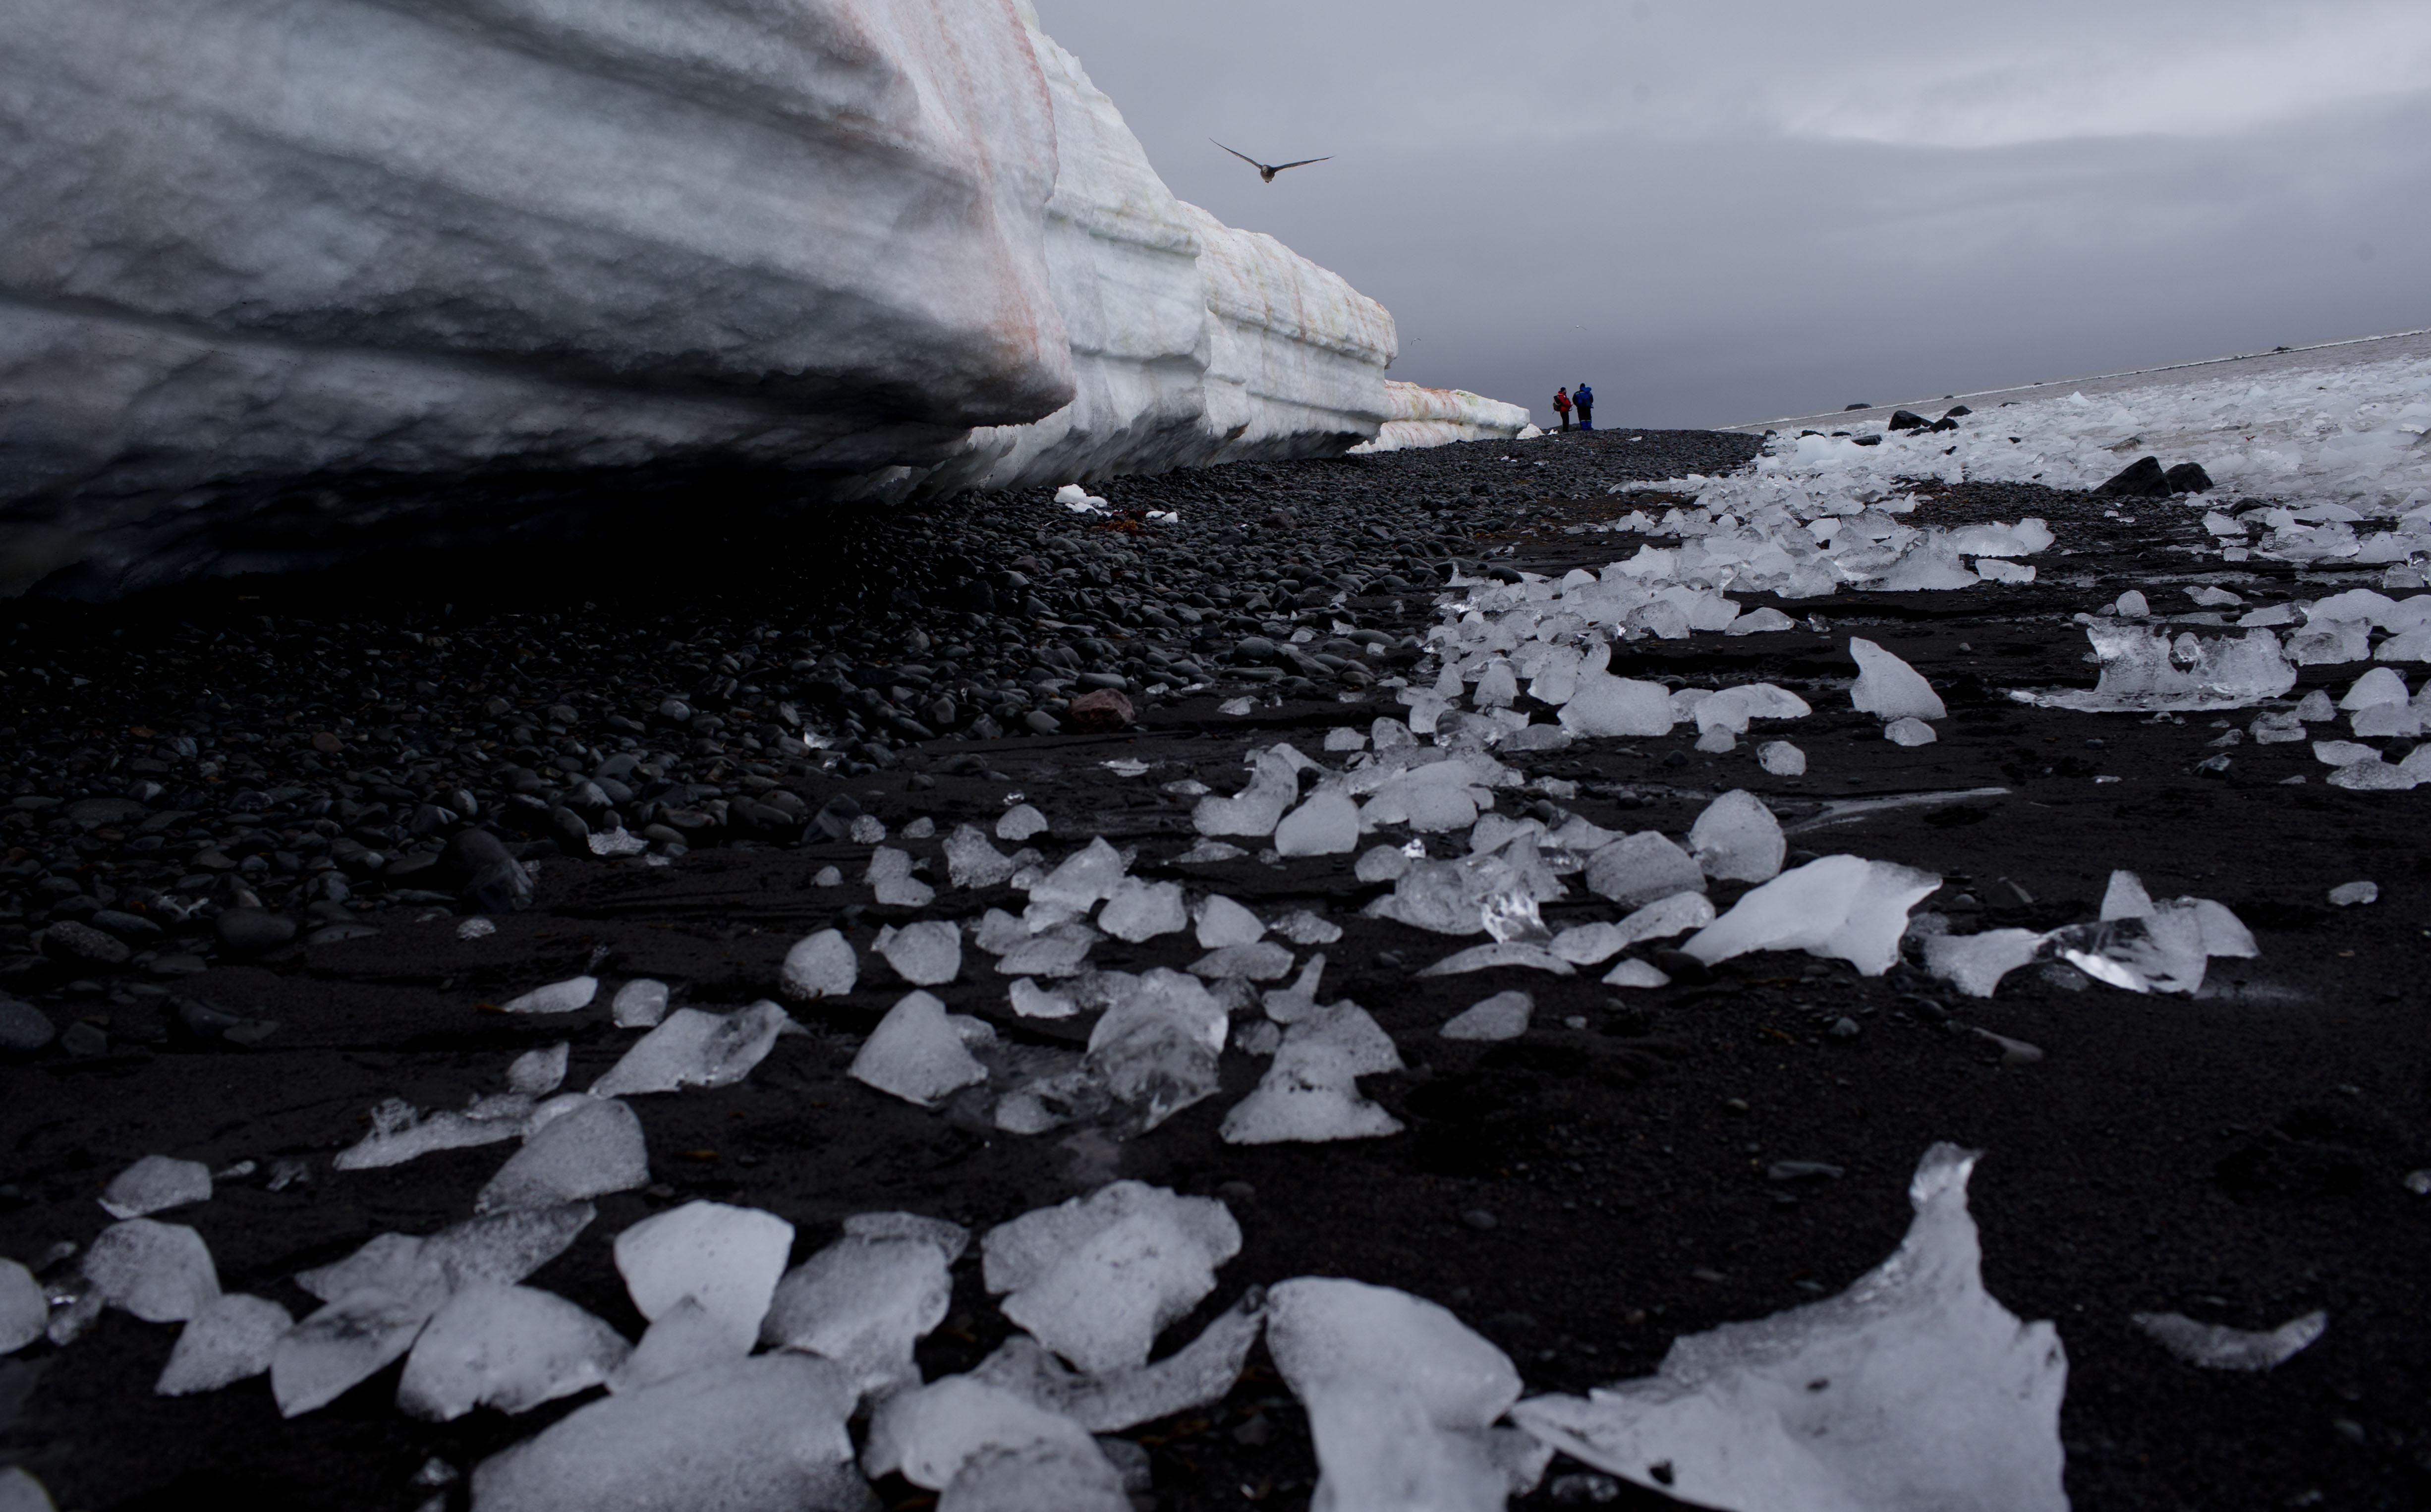 Създават около Антарктида най-големия морски резерват